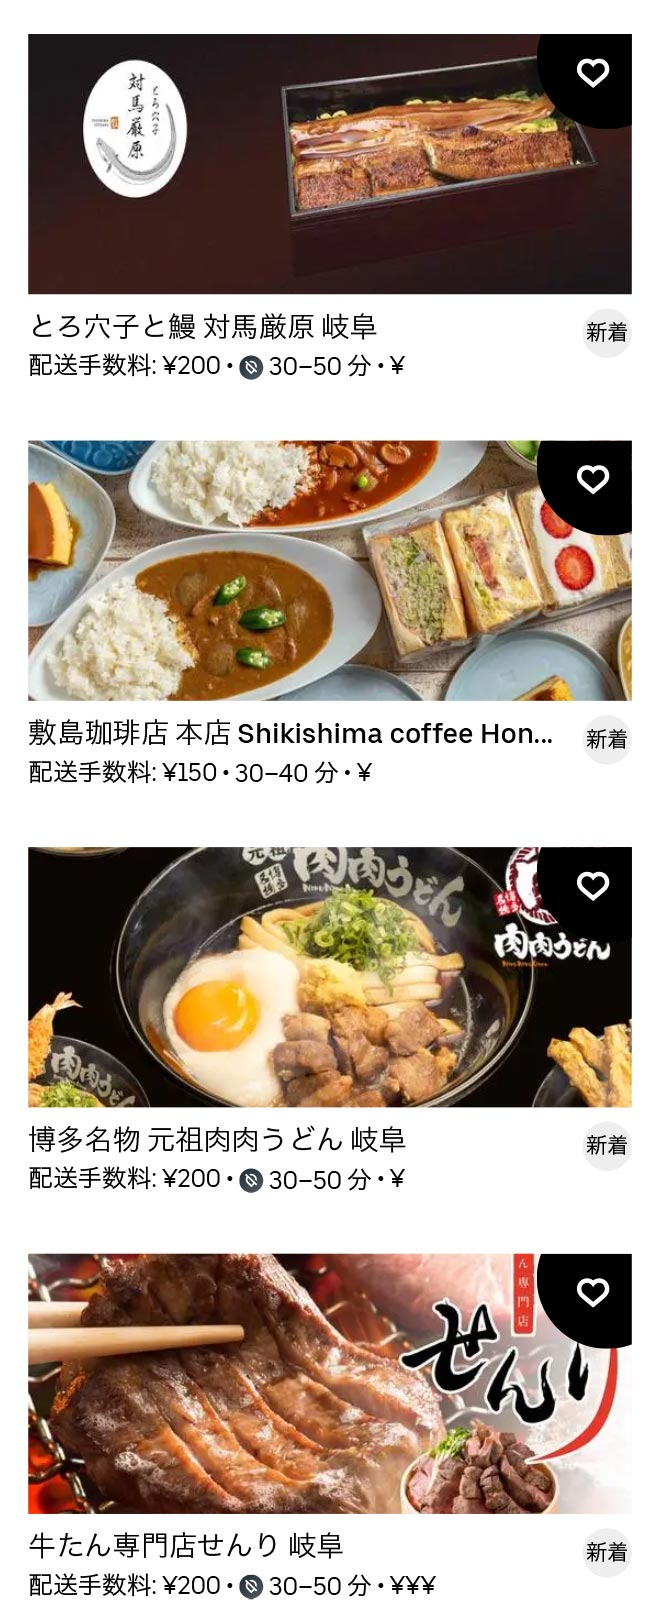 Meitetsu gifu menu 2012 05